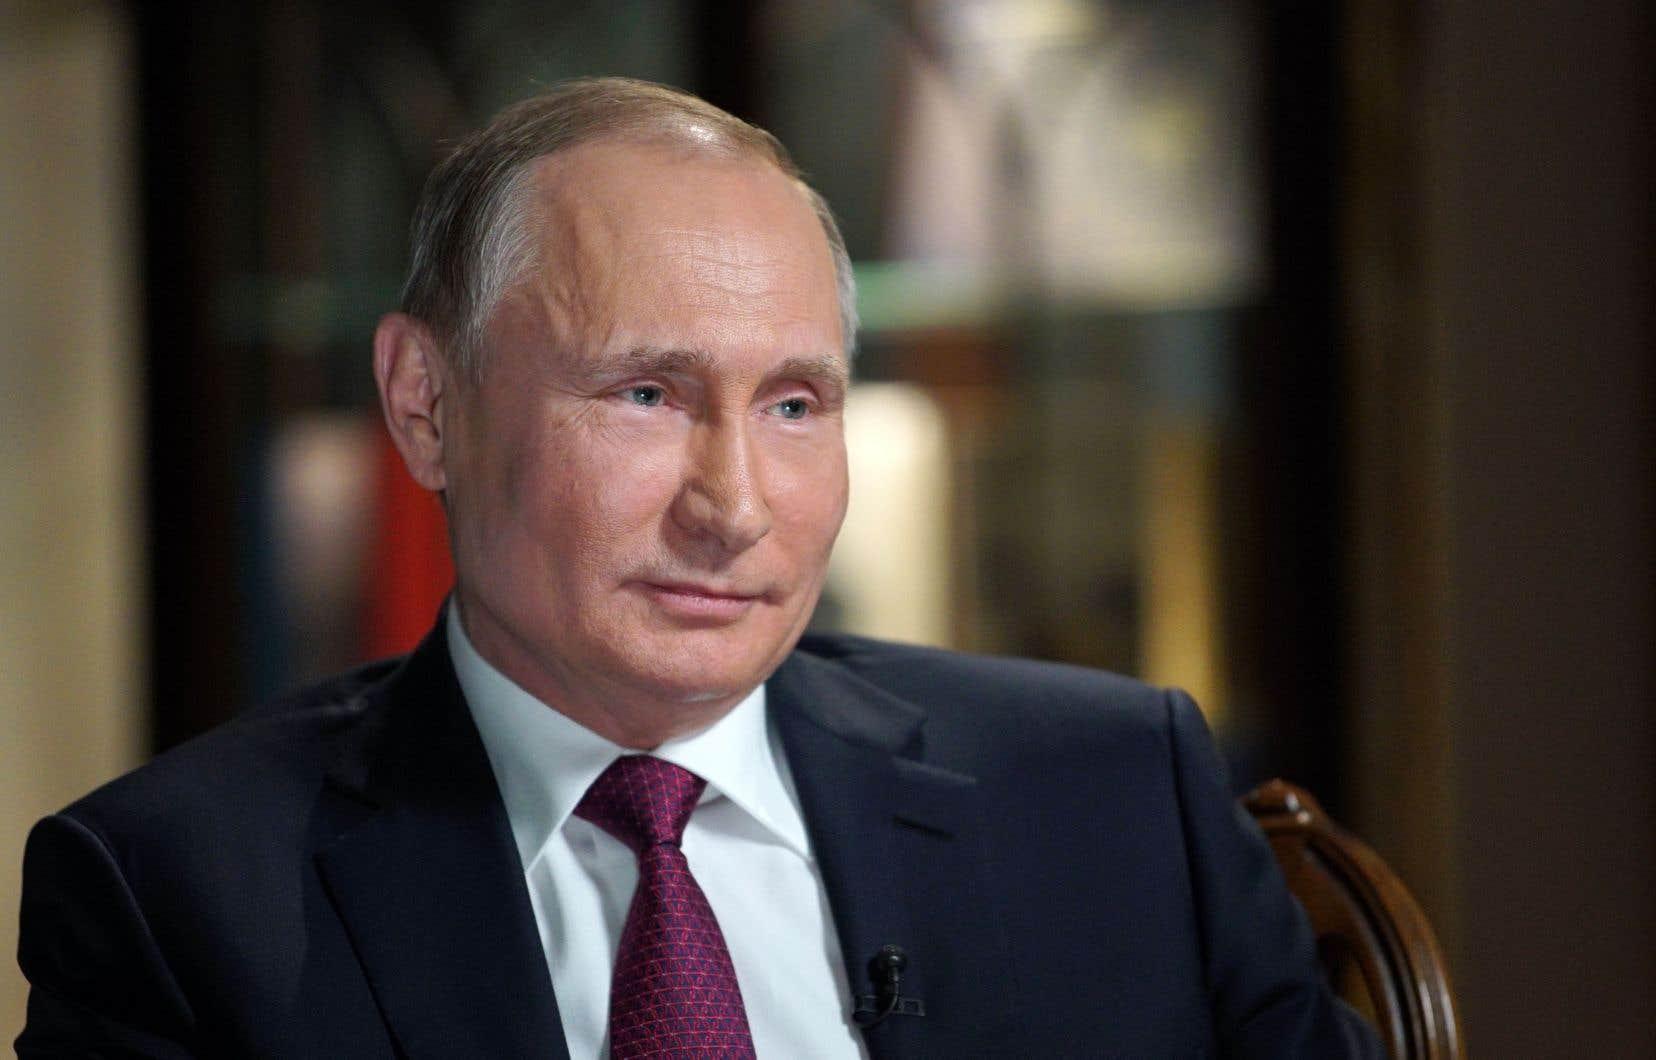 «Le Poutine d'aujourd'hui n'est pas celui de 1999-2000: de libéral, il est devenu conservateur», estime le politologue Konstantin Kalatchev.